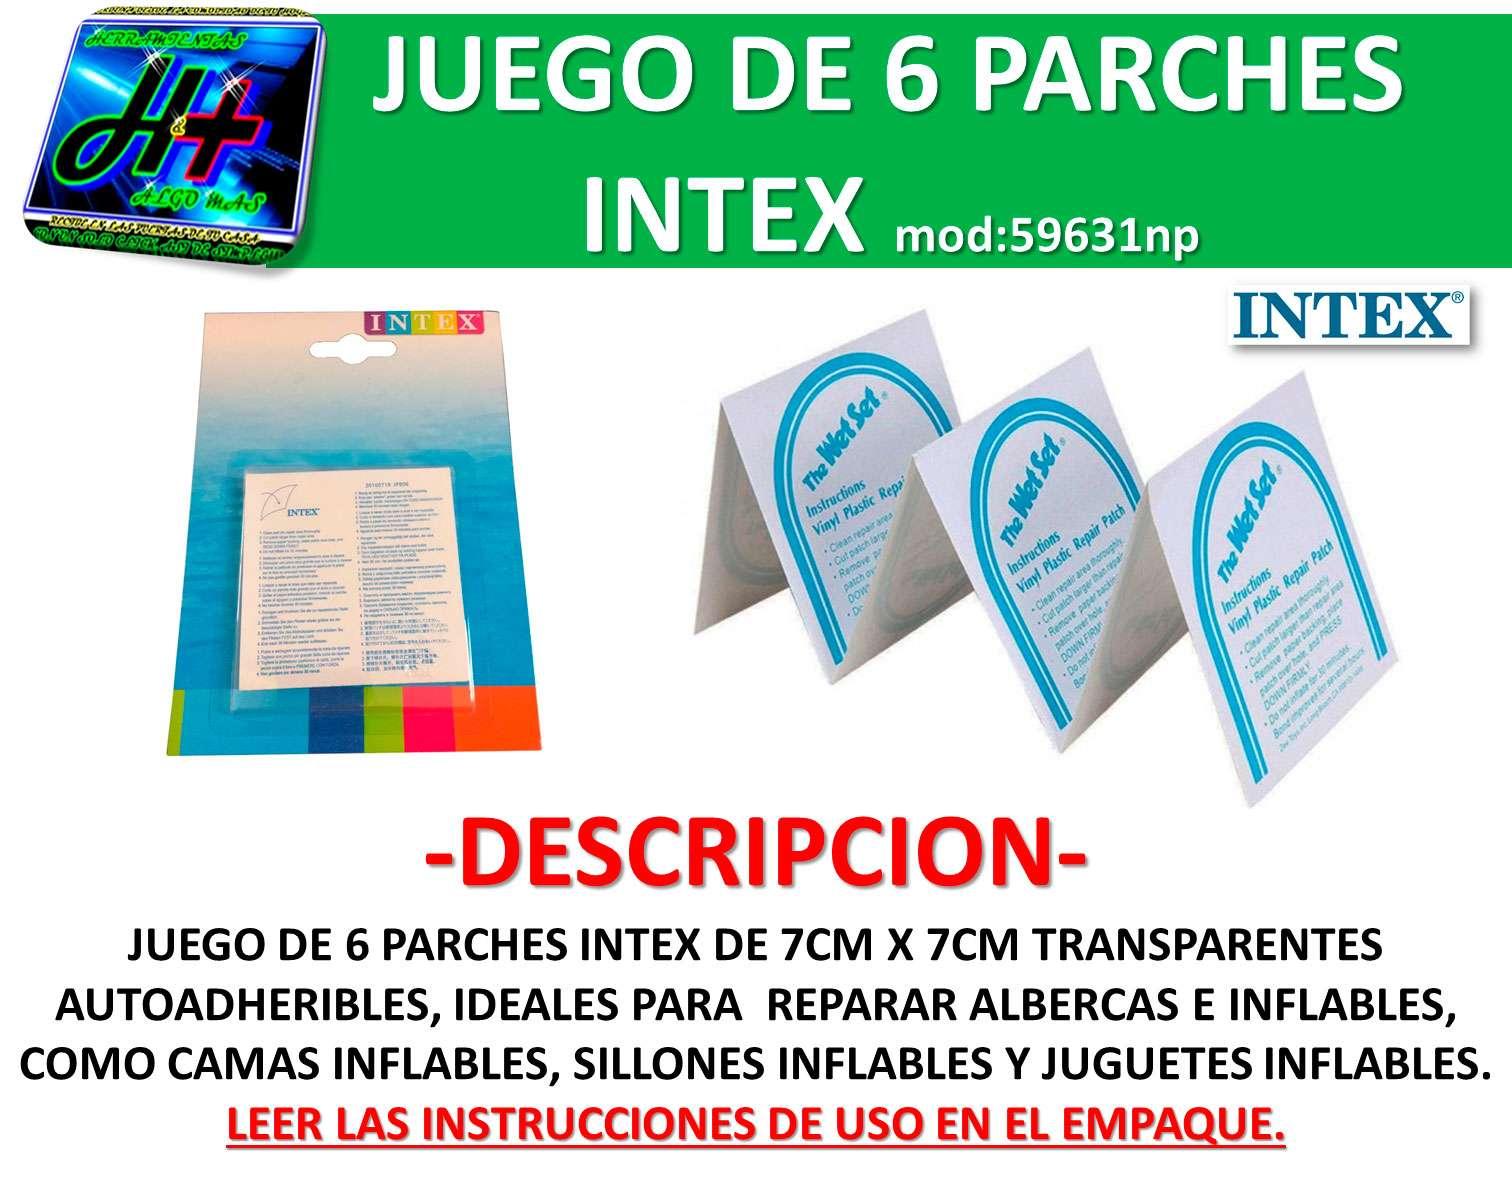 Parches reparar inflables y albercas intex 59631np bestway for Precio de piletas inflables